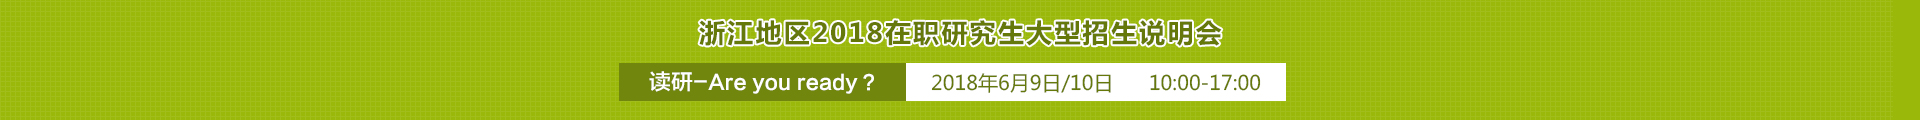 浙江地区2017首场在职读研招生说明会